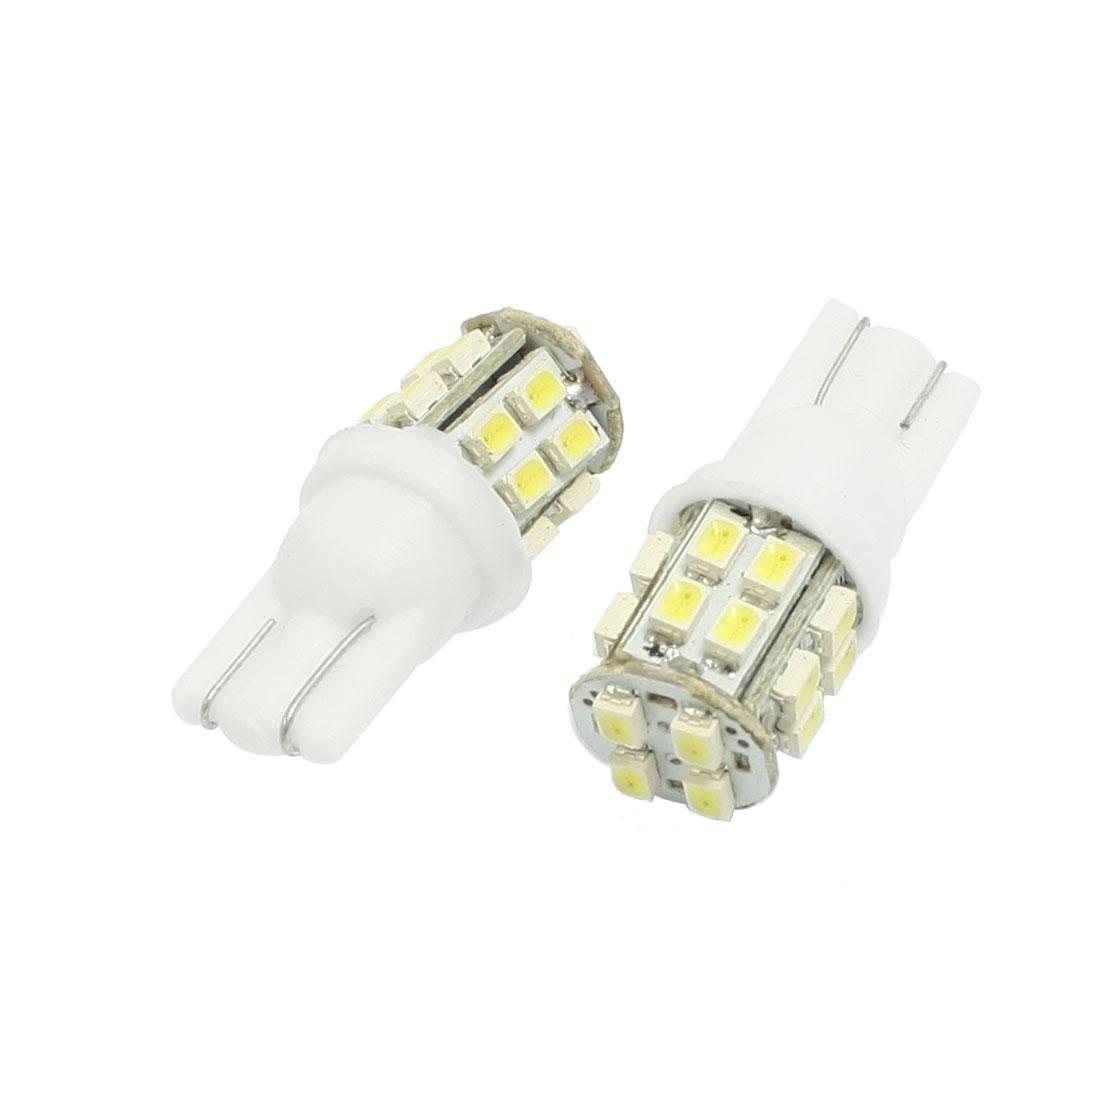 2 Pcs Car Interior White T10 W5W 1206 20 SMD LED Light Bulb Lamp